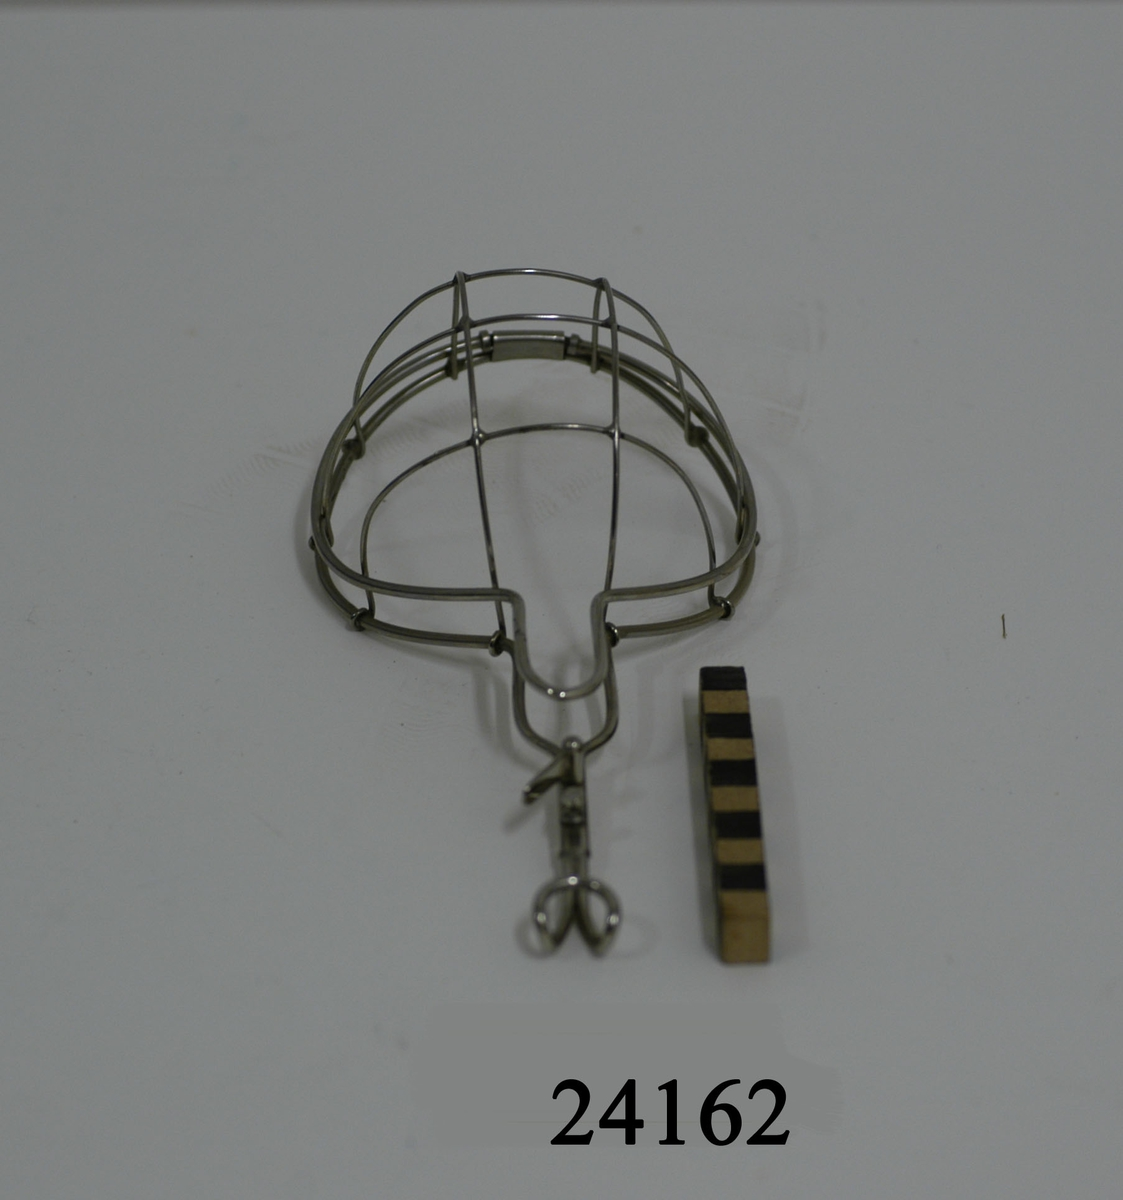 Narkosmask av rostfritt stål, något sväng, gallerförsedd, sex metalltrådar iform av båge. Delen som placeras över näsa och mun är till formen rund.  Dess nedre del är utdragen till en 11 cm smal avlång del och avslutas med handtag uppåtböjd i änden samt låsbar fjäder. I masken övre del ett fäste med bygel som fälls över den gallerförsedda delen och låses i handtaget med fjäder.